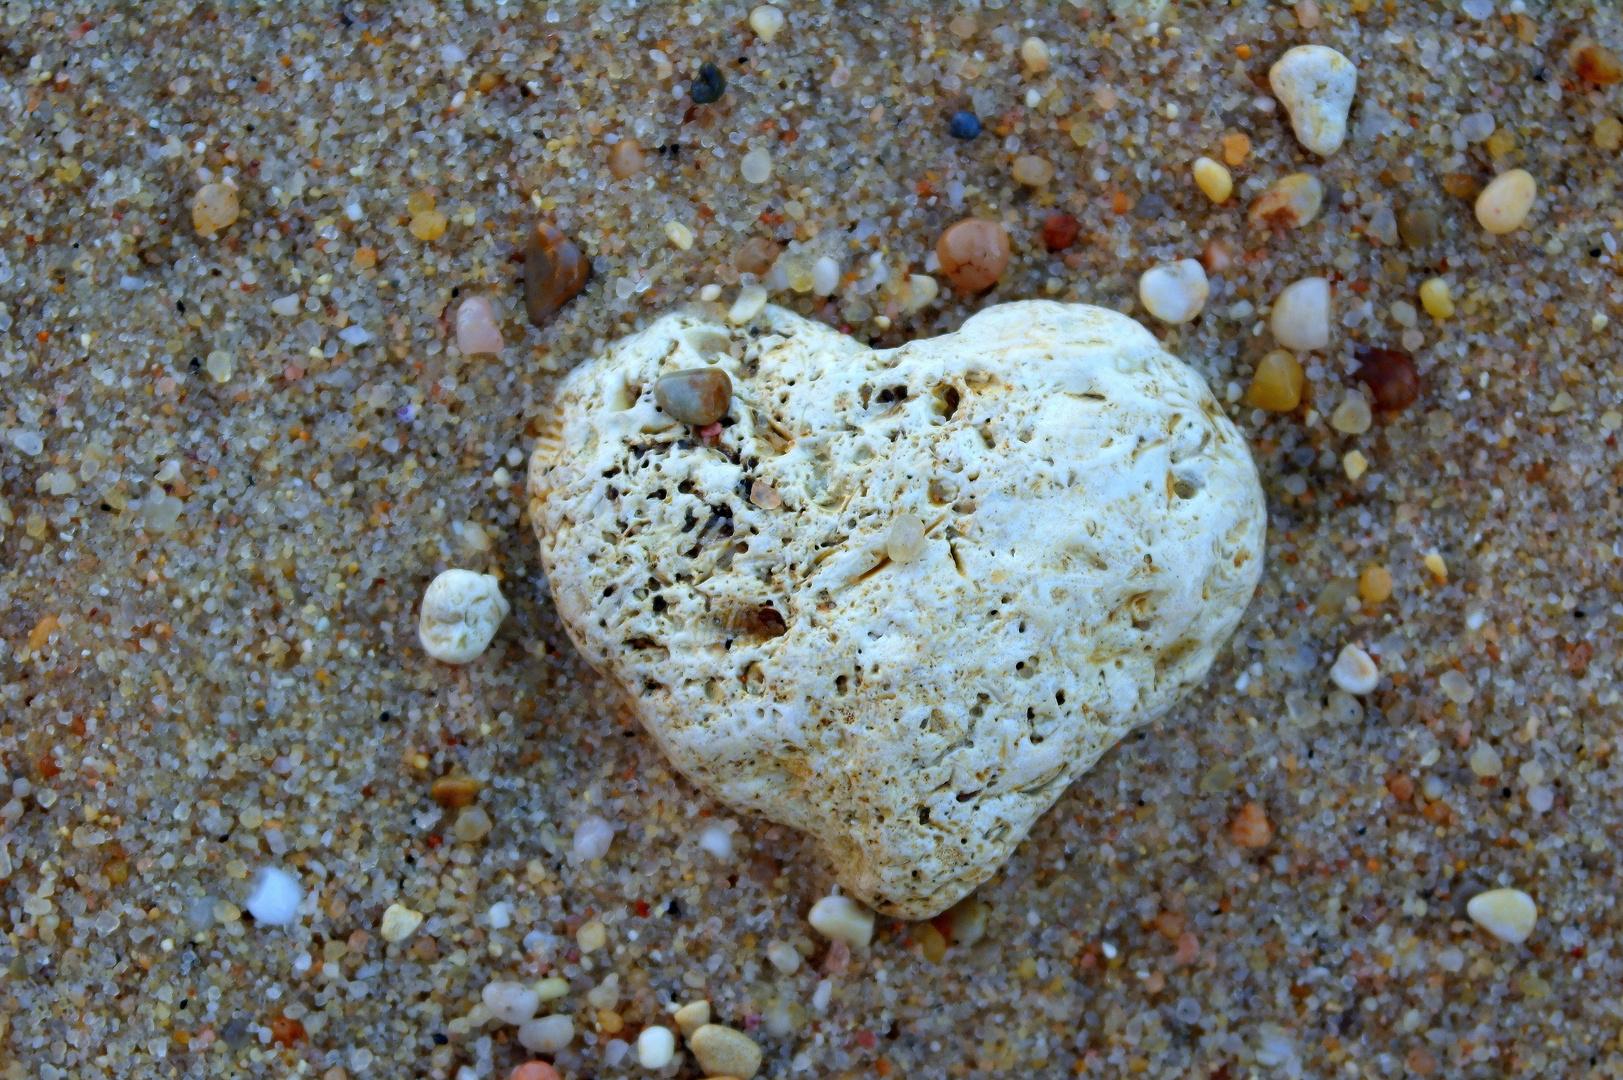 ein Herz aus Stein.... Foto & Bild | sonstiges, steine & mineralien, strand  Bilder auf fotocommunity